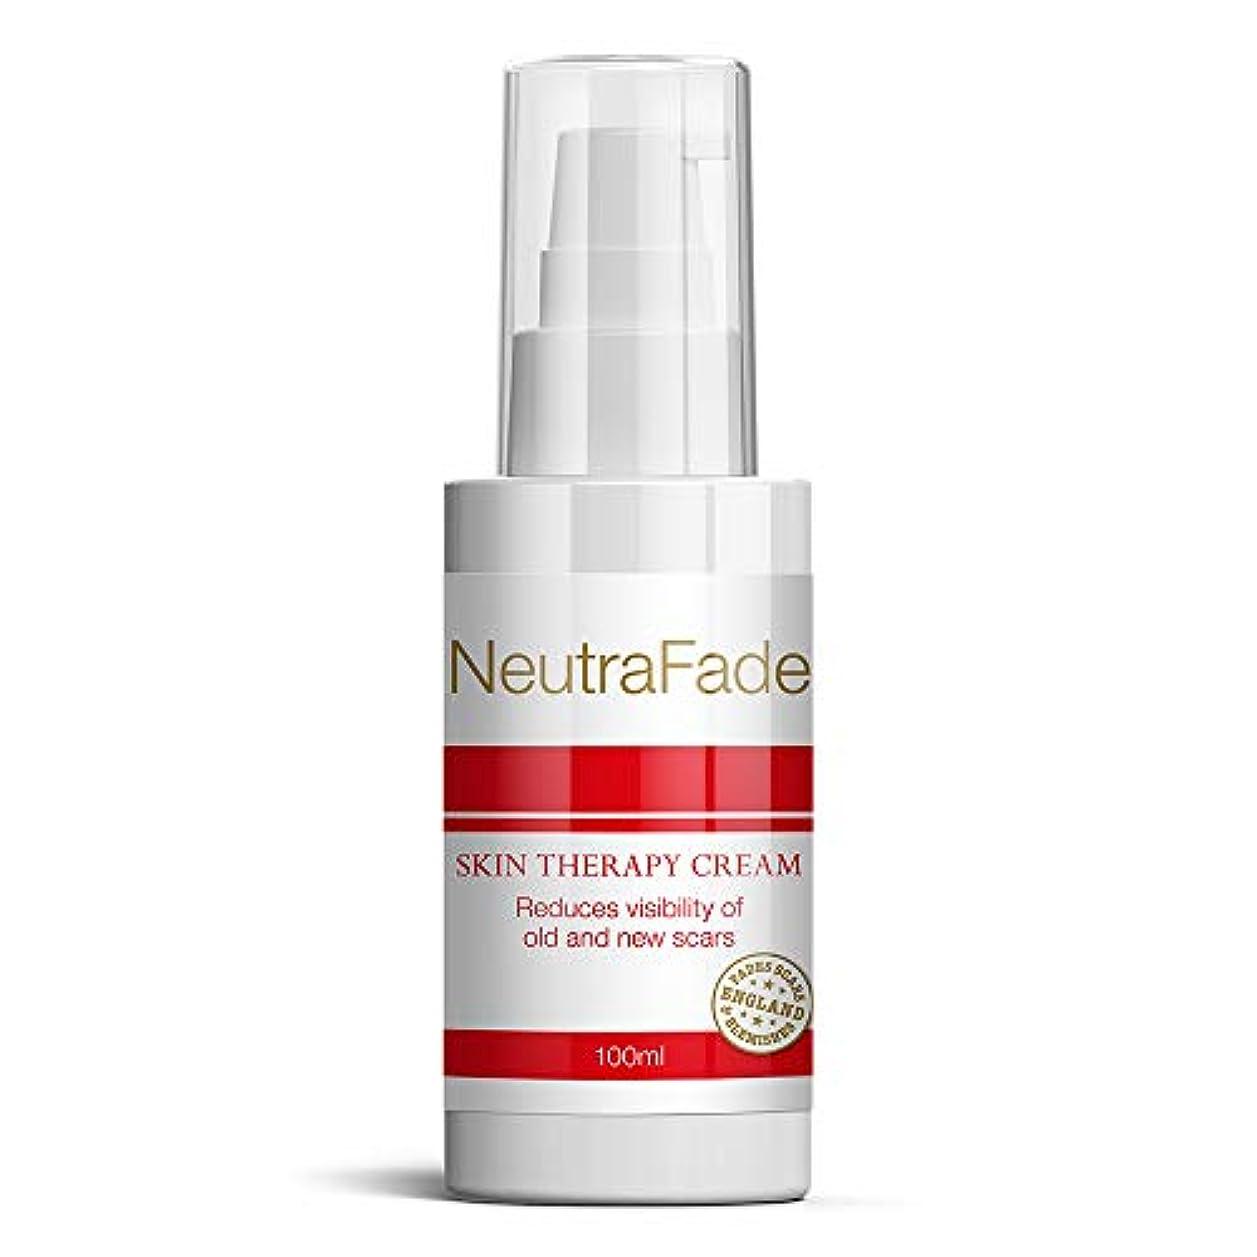 指令ブレイズネットNEUTRA FADE Cream 皮膚治療クリームはSCARの可視性を低減 NEUTRA feido hifu chiryō kurīmu wa sukā no kashi-sei o teigen